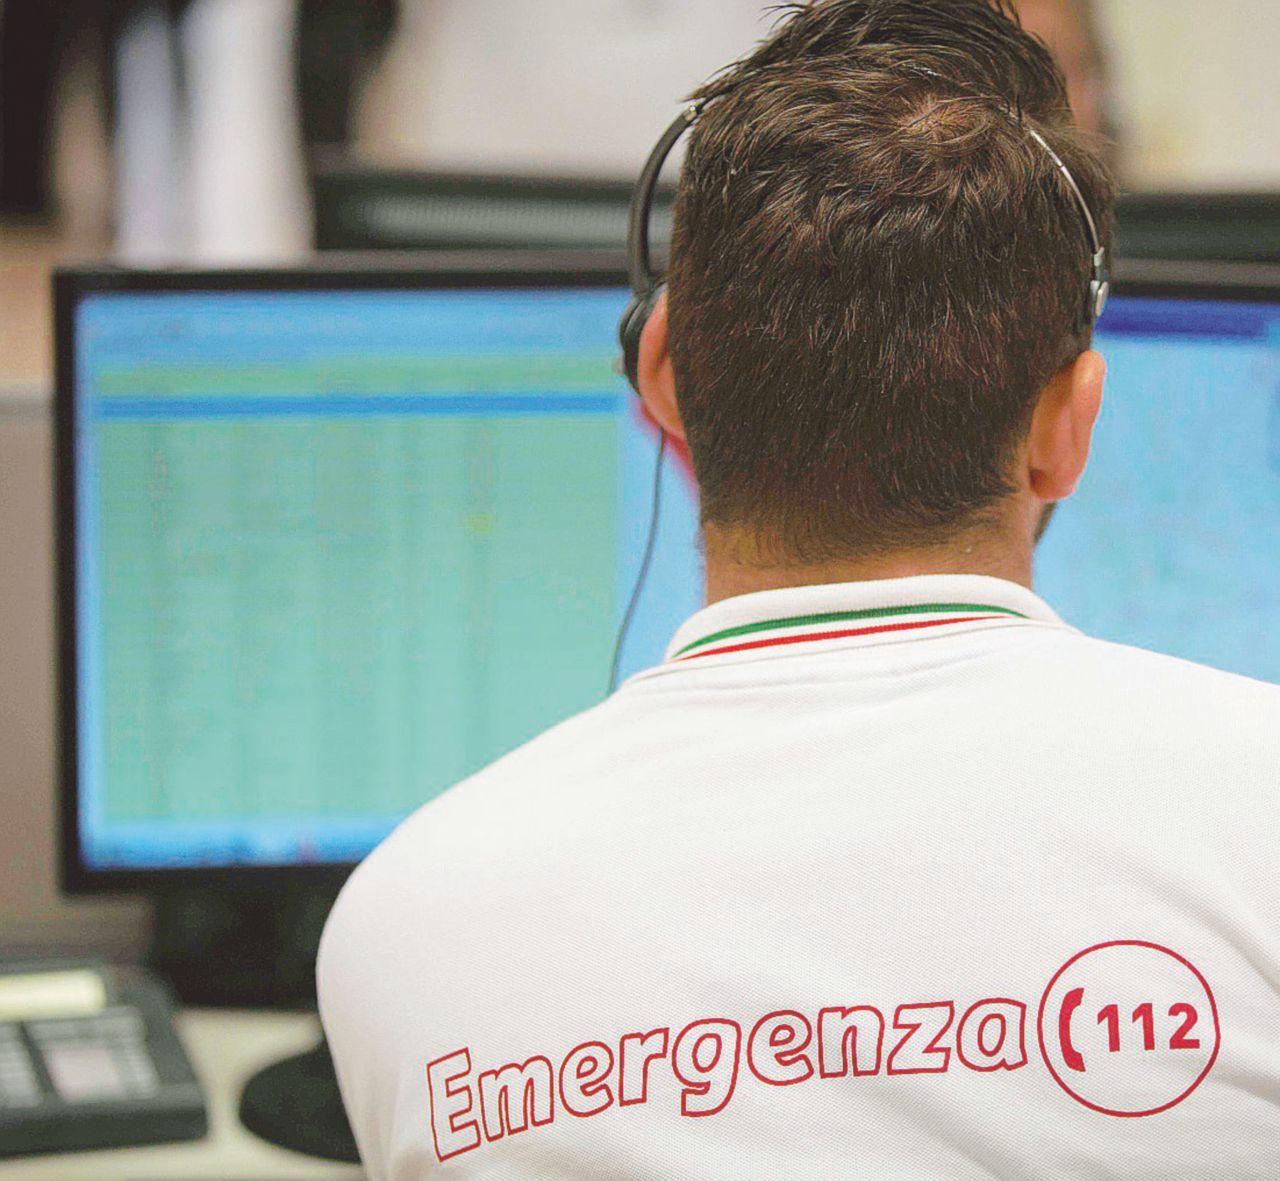 La roulette dell'emergenza: il 112 funziona solo a metà